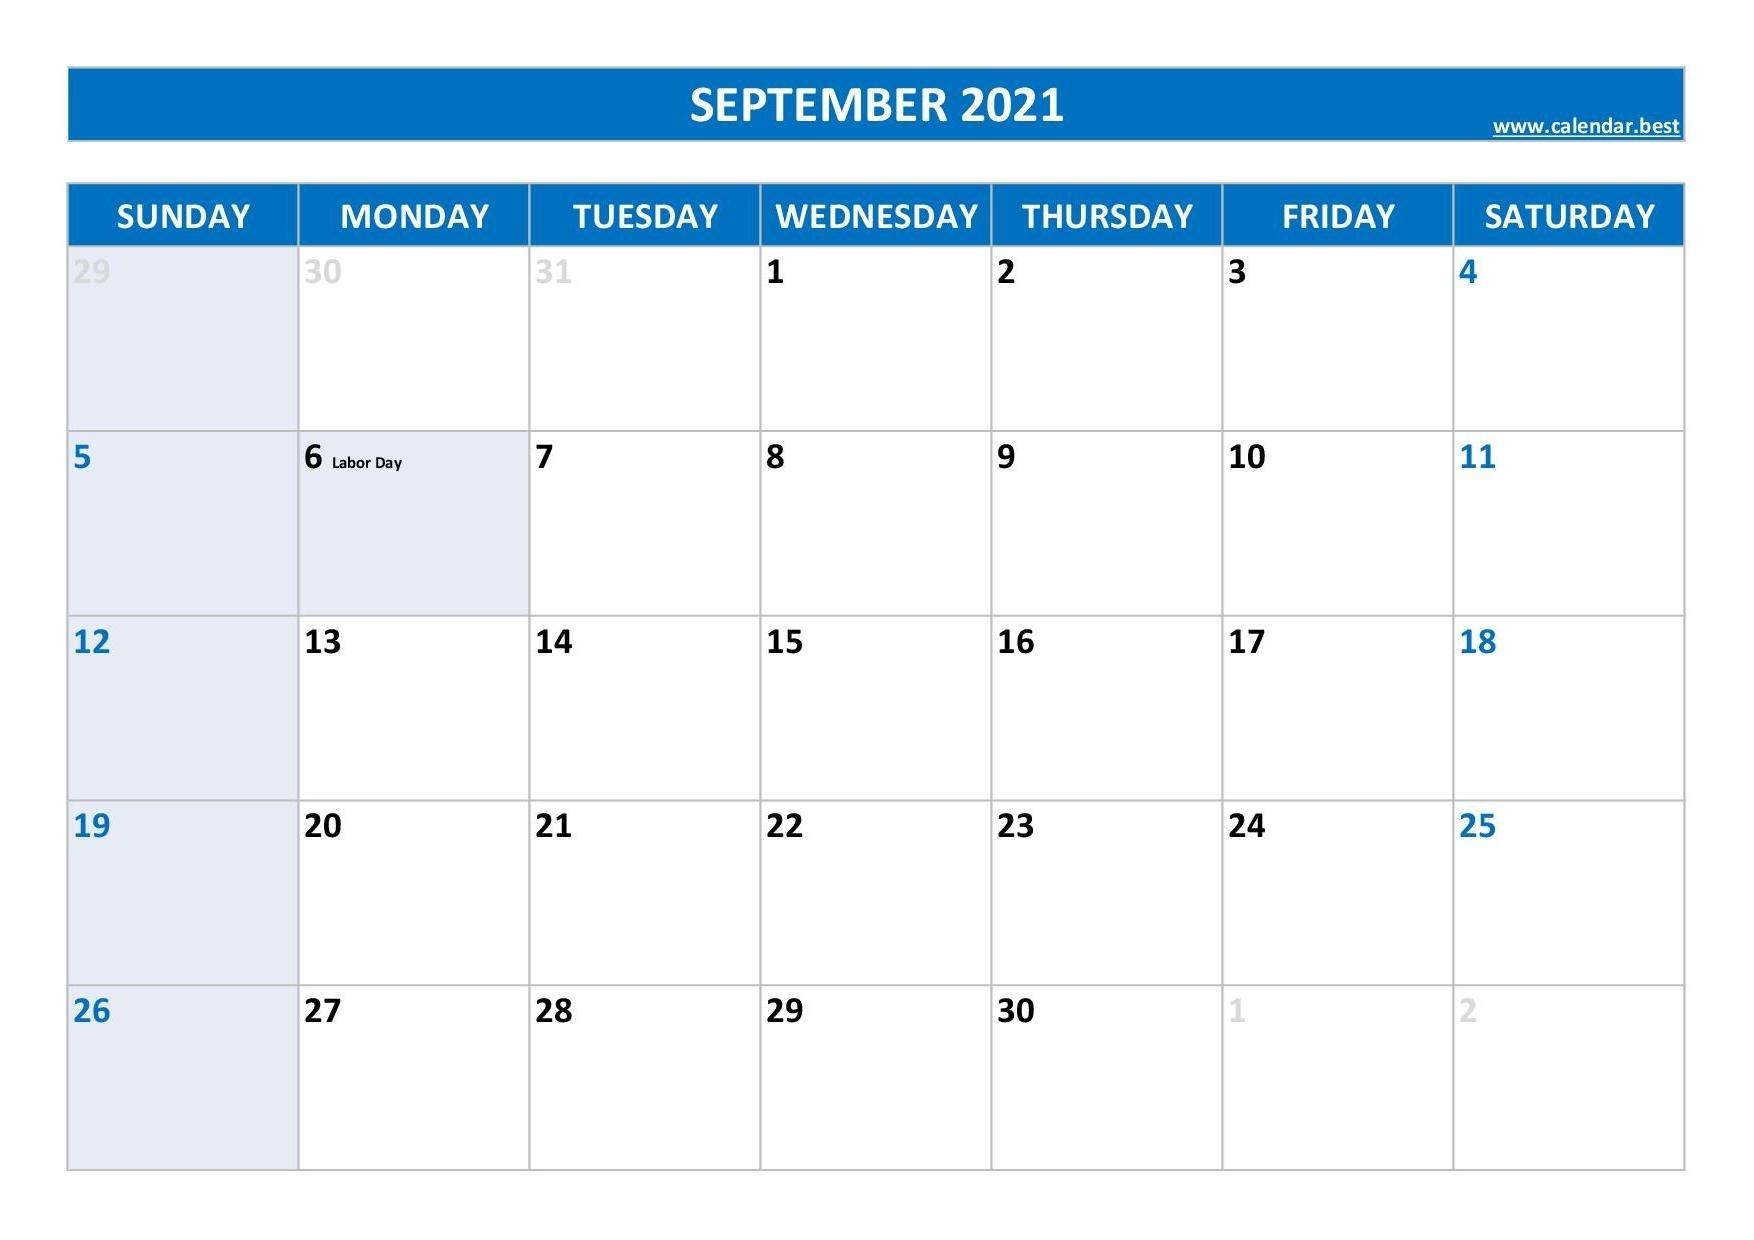 September 2021 Calendar -Calendar.best September 2021 Calendar With Holidays Printable